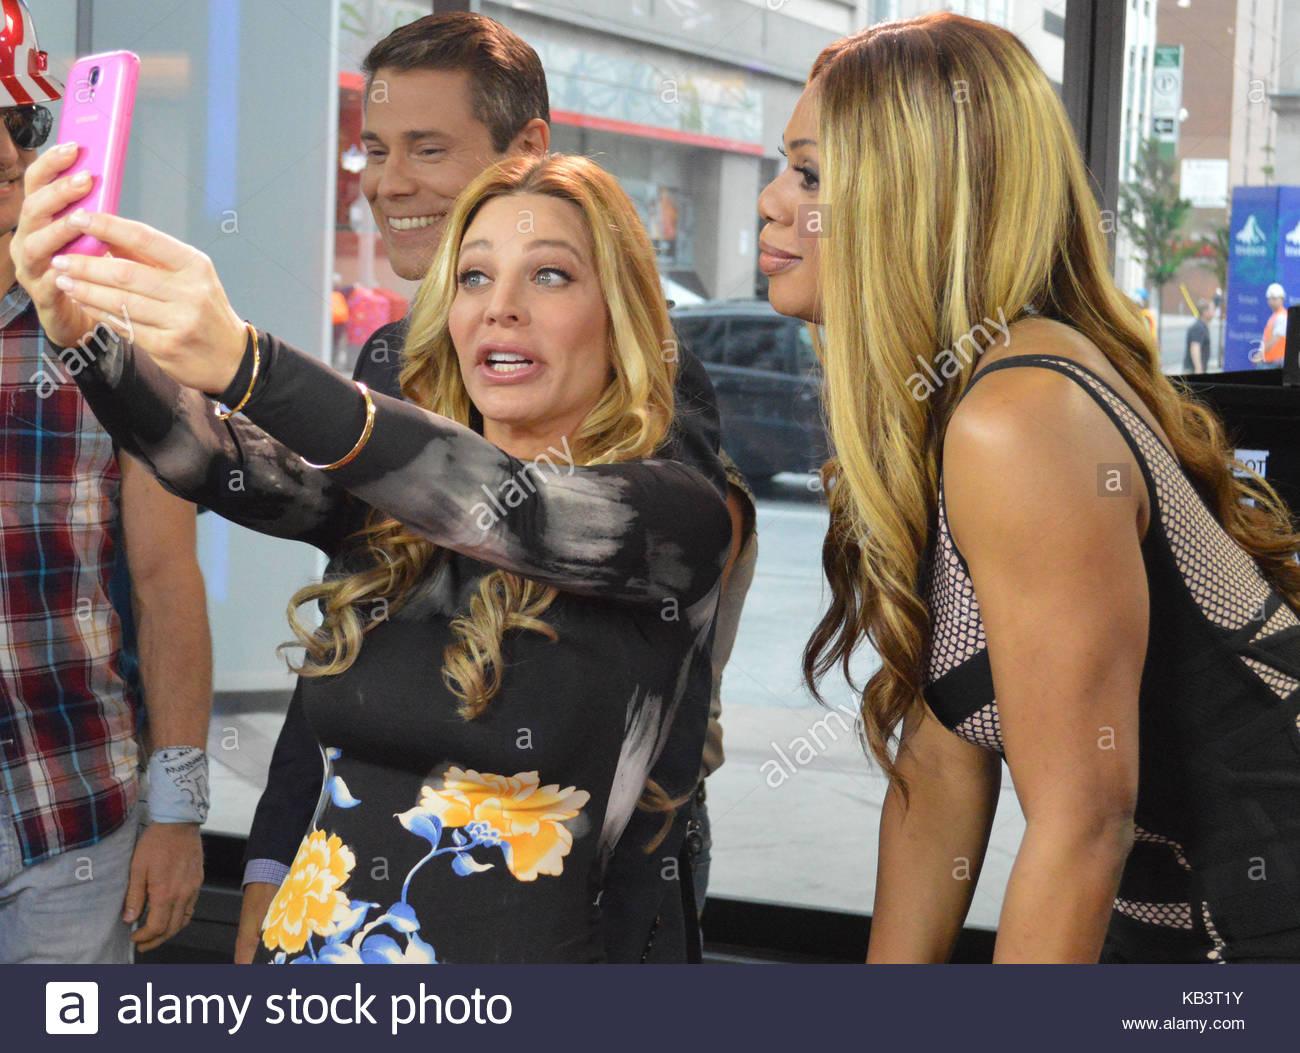 Selfie Laverne Cox nudes (59 photos), Ass, Leaked, Selfie, butt 2020